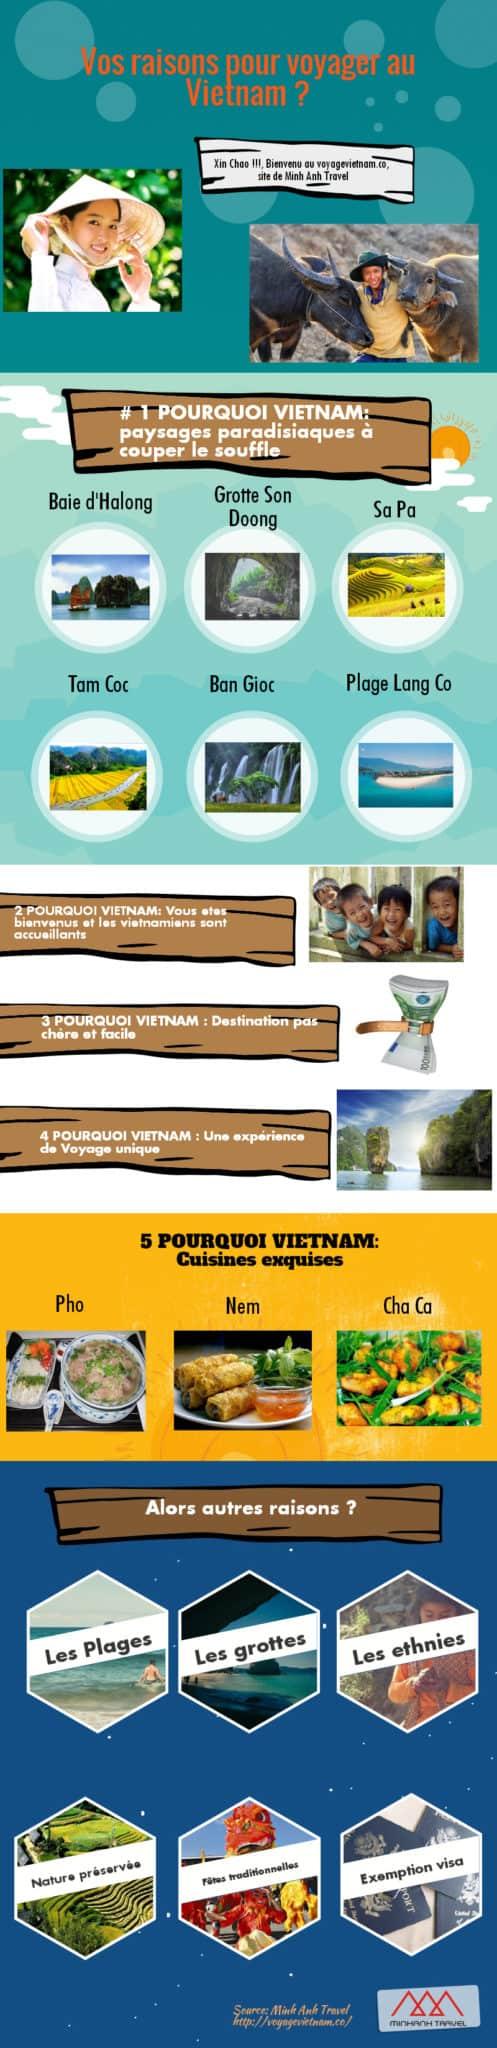 Qourquoi visiter vietnam